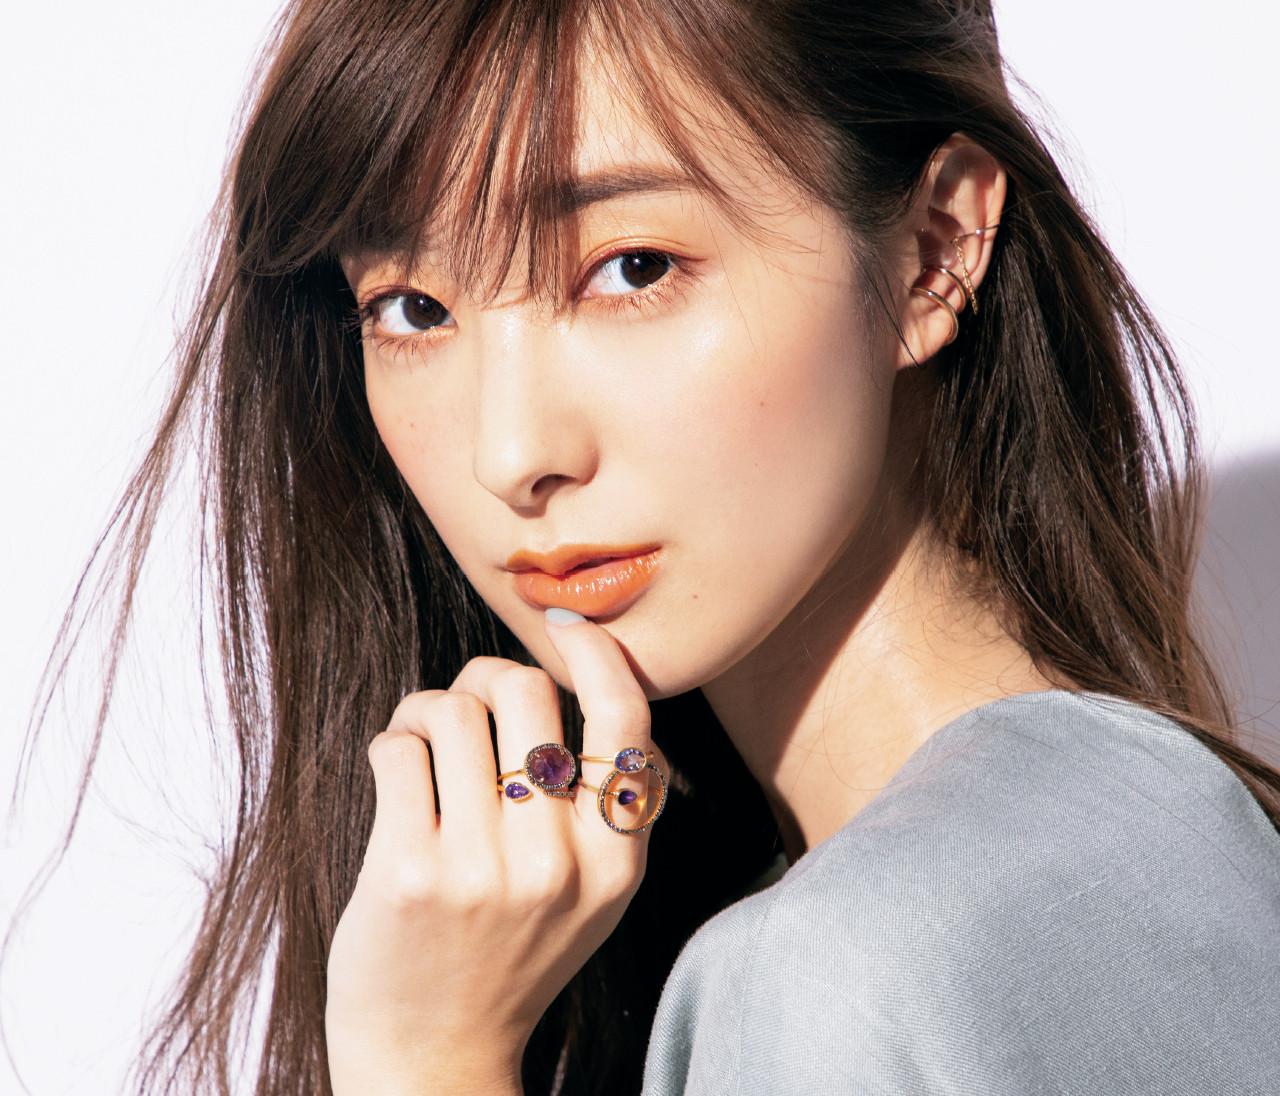 宮本茉由はイヤカフ&色石リングの重ねづけでシンプルコーデを盛る!